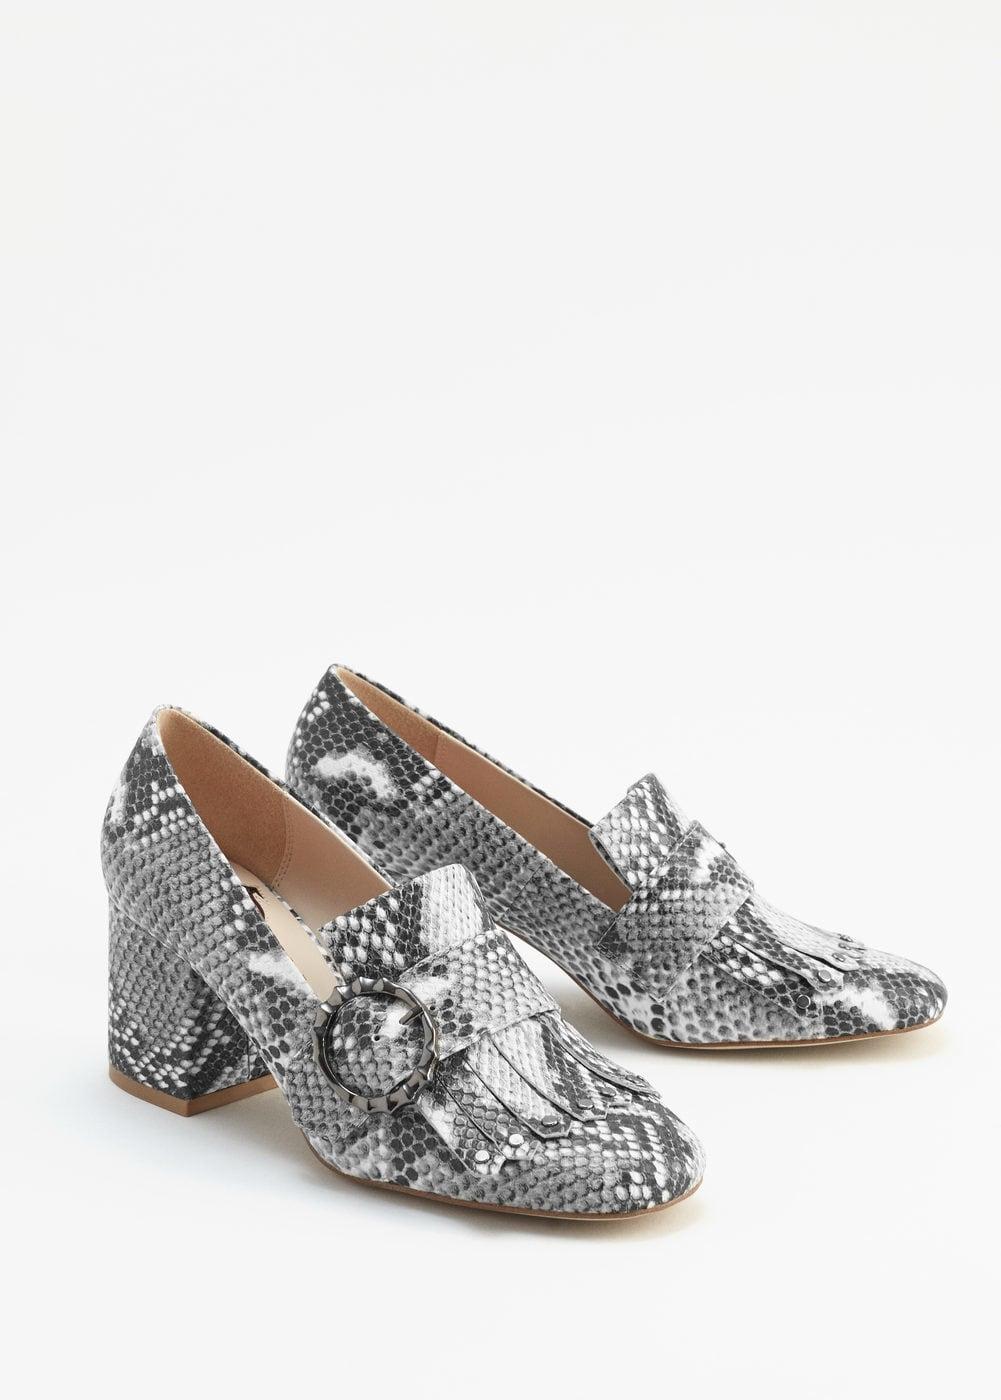 Обувки змийски мотив Mango; от 99,99лв. на 69,99лв